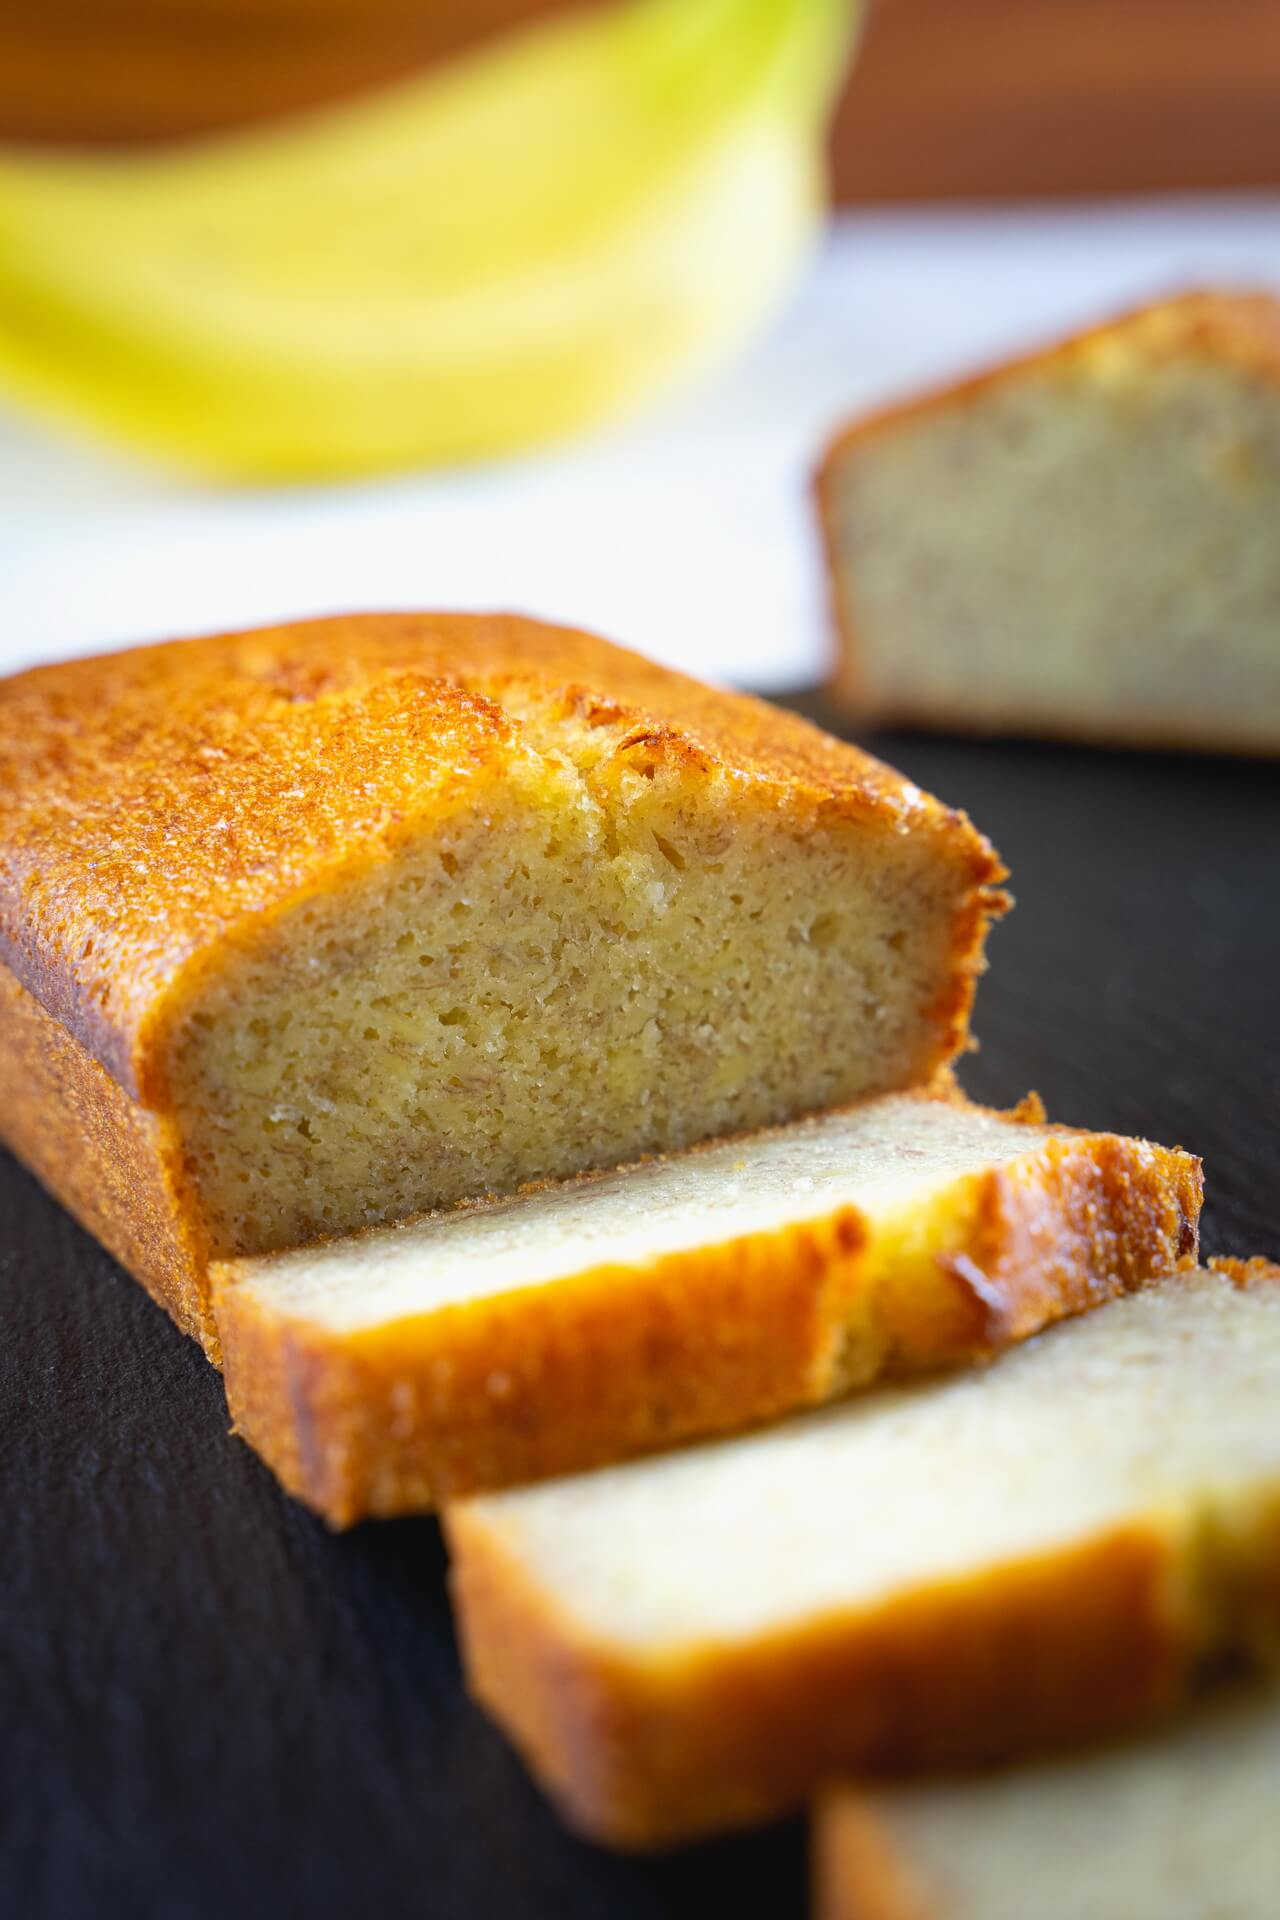 Moist Banana Bread Vertical View